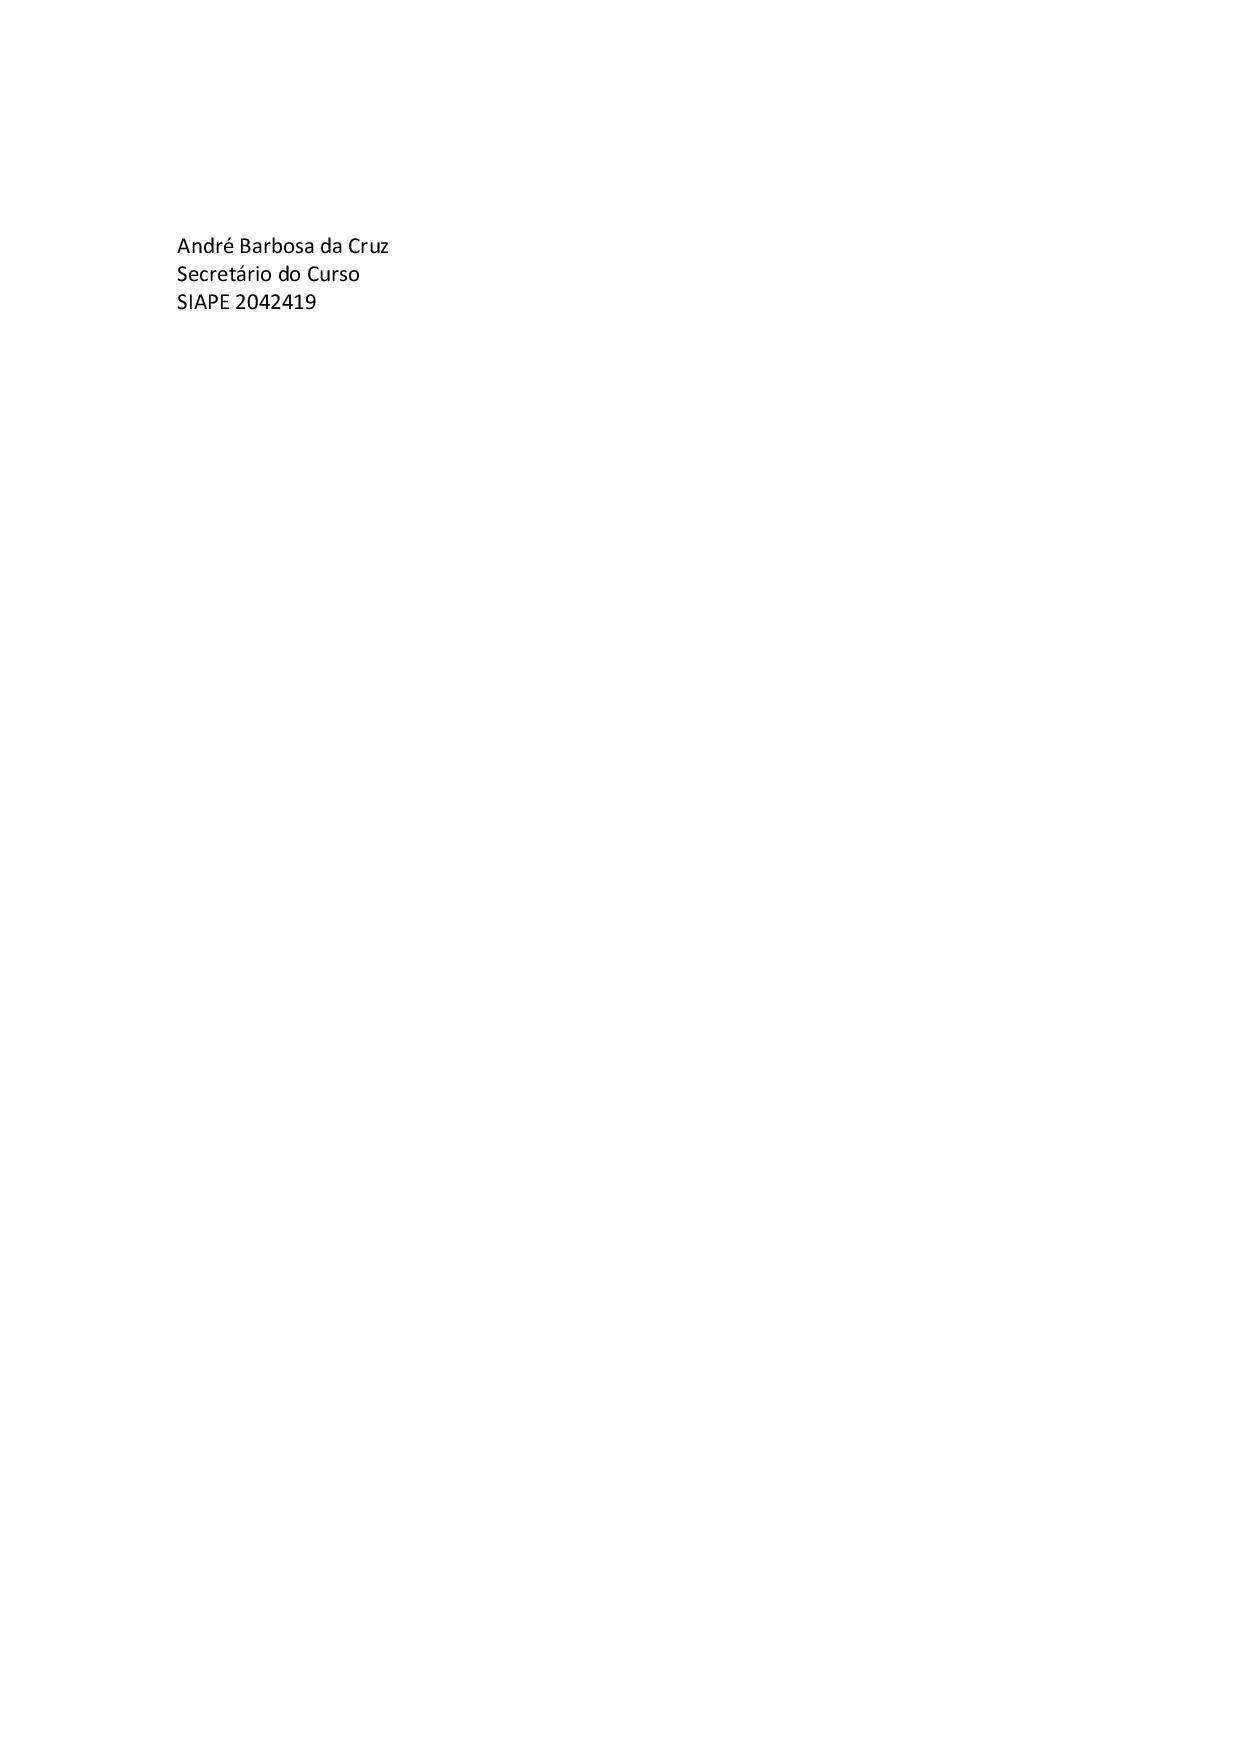 Comunicado sobre homologação-page-003